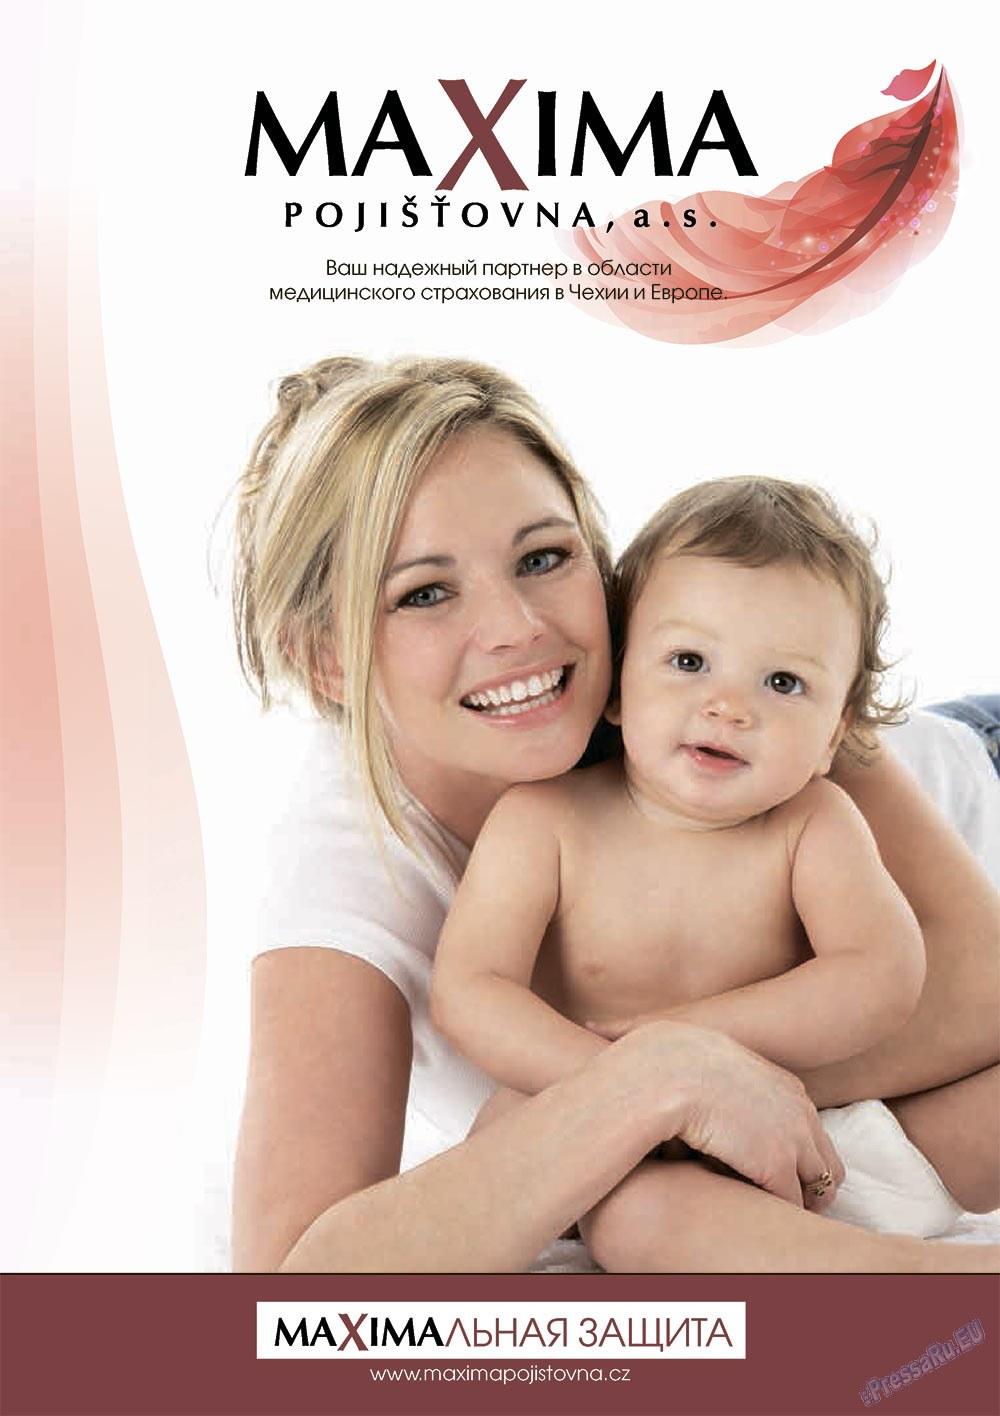 Фотки молодых мамочек 20 фотография